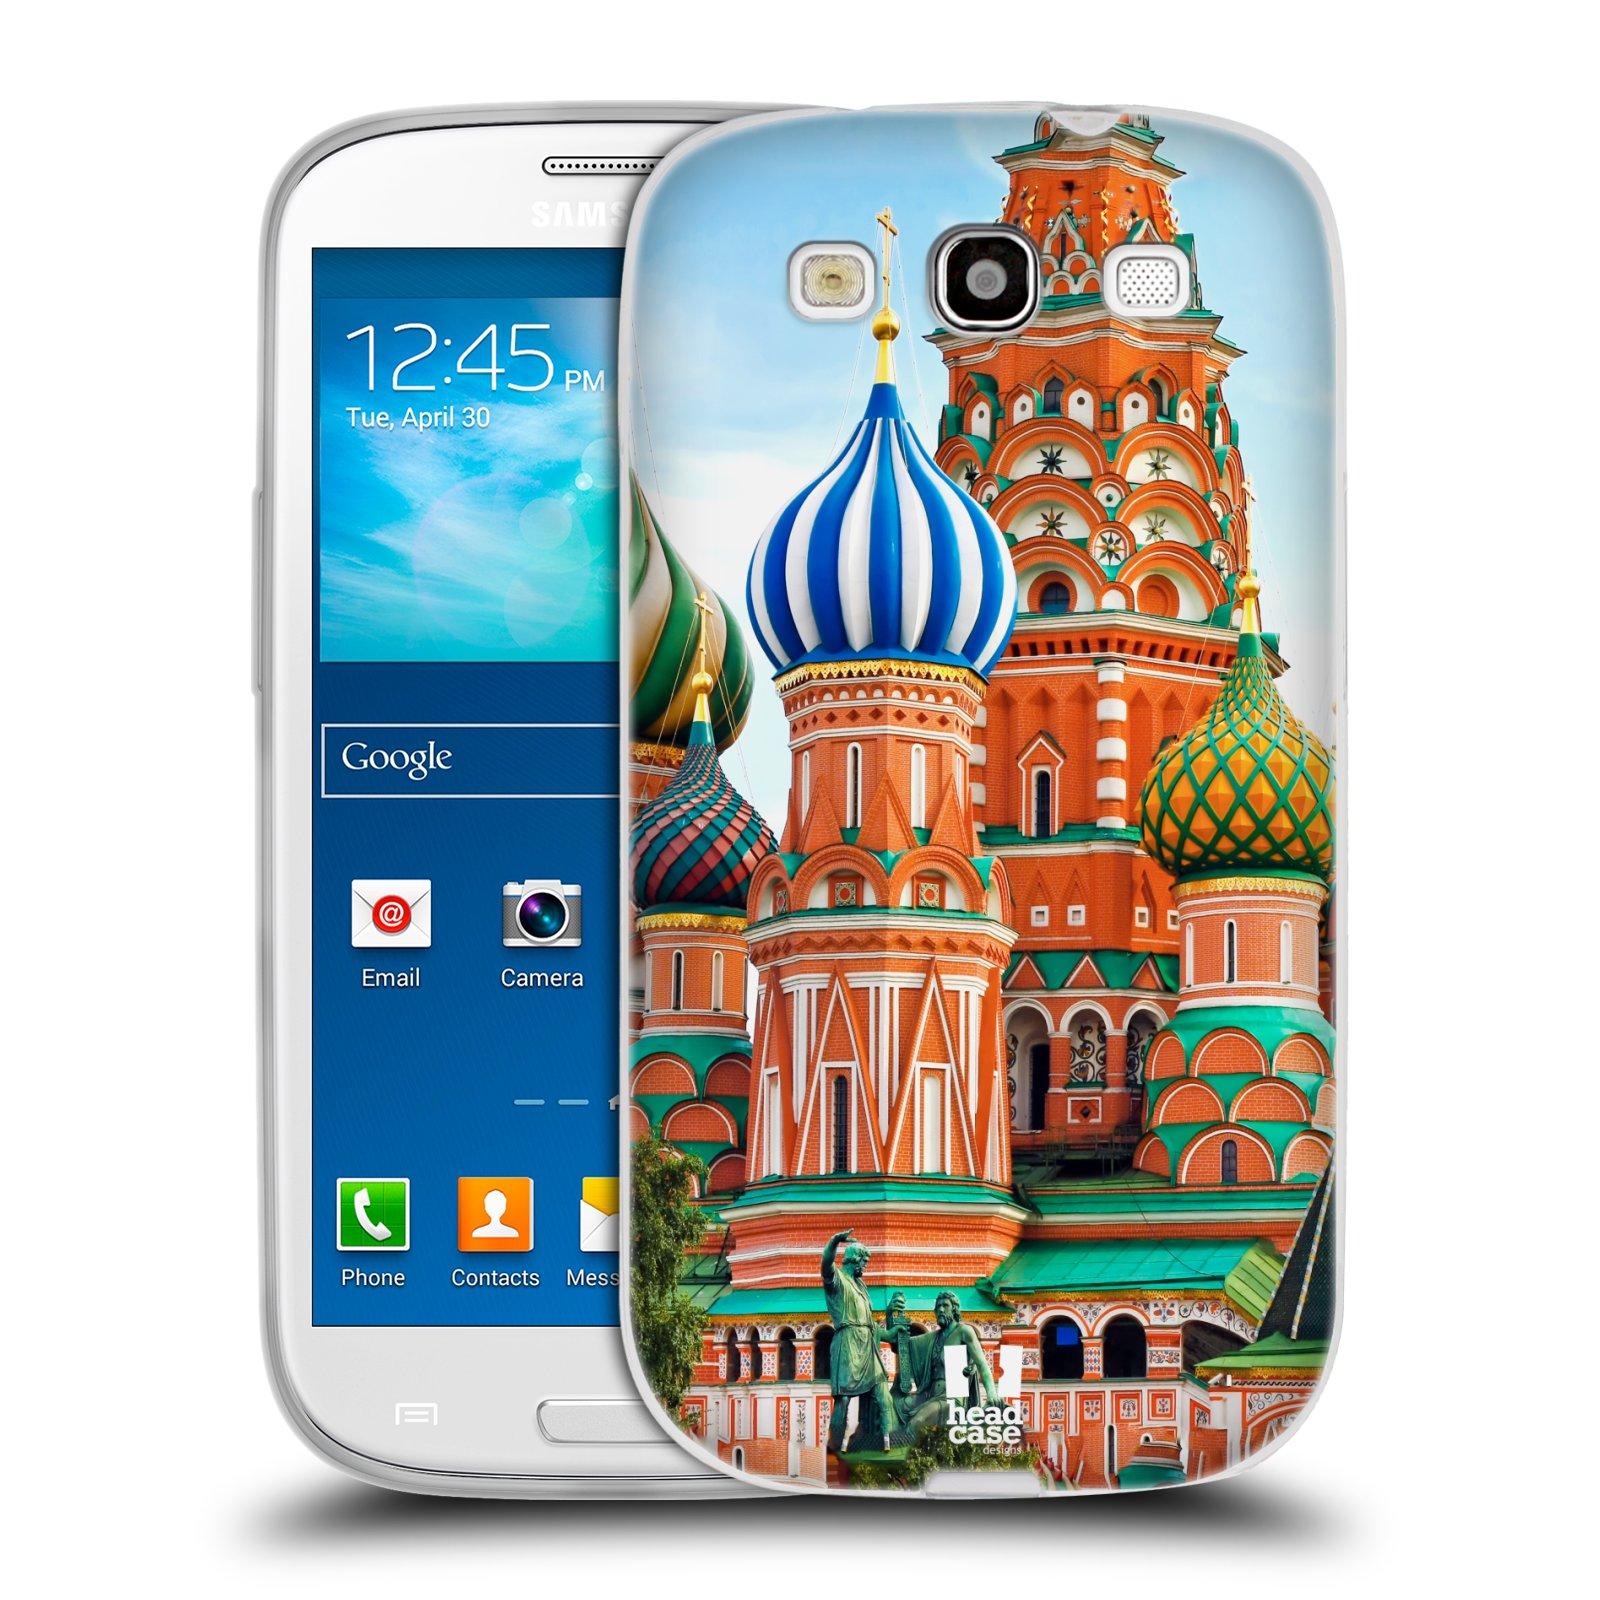 HEAD CASE silikonový obal na mobil Samsung Galaxy S3 i9300 vzor Města foto náměstí RUSKO,MOSKVA, RUDÉ NÁMĚSTÍ